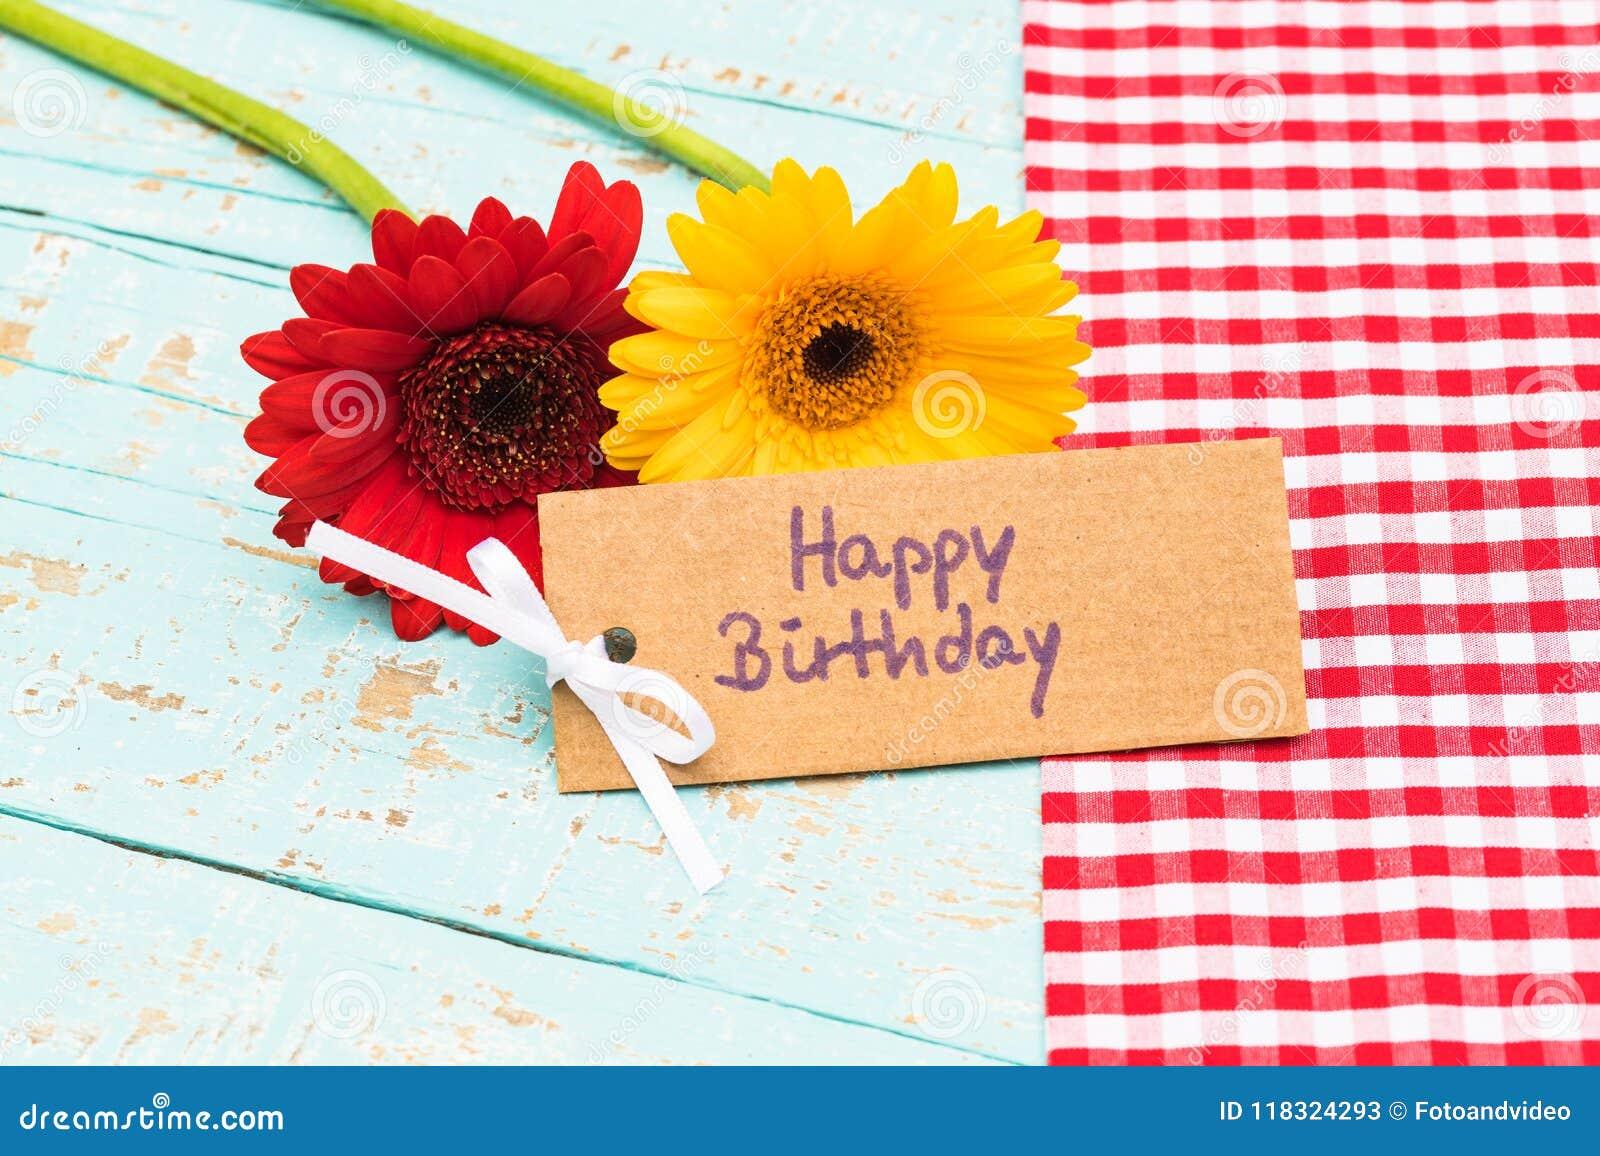 Felicitaciones De Cumpleaños Con Flores: Tarjeta De Felicitación Del Feliz Cumpleaños Con Las